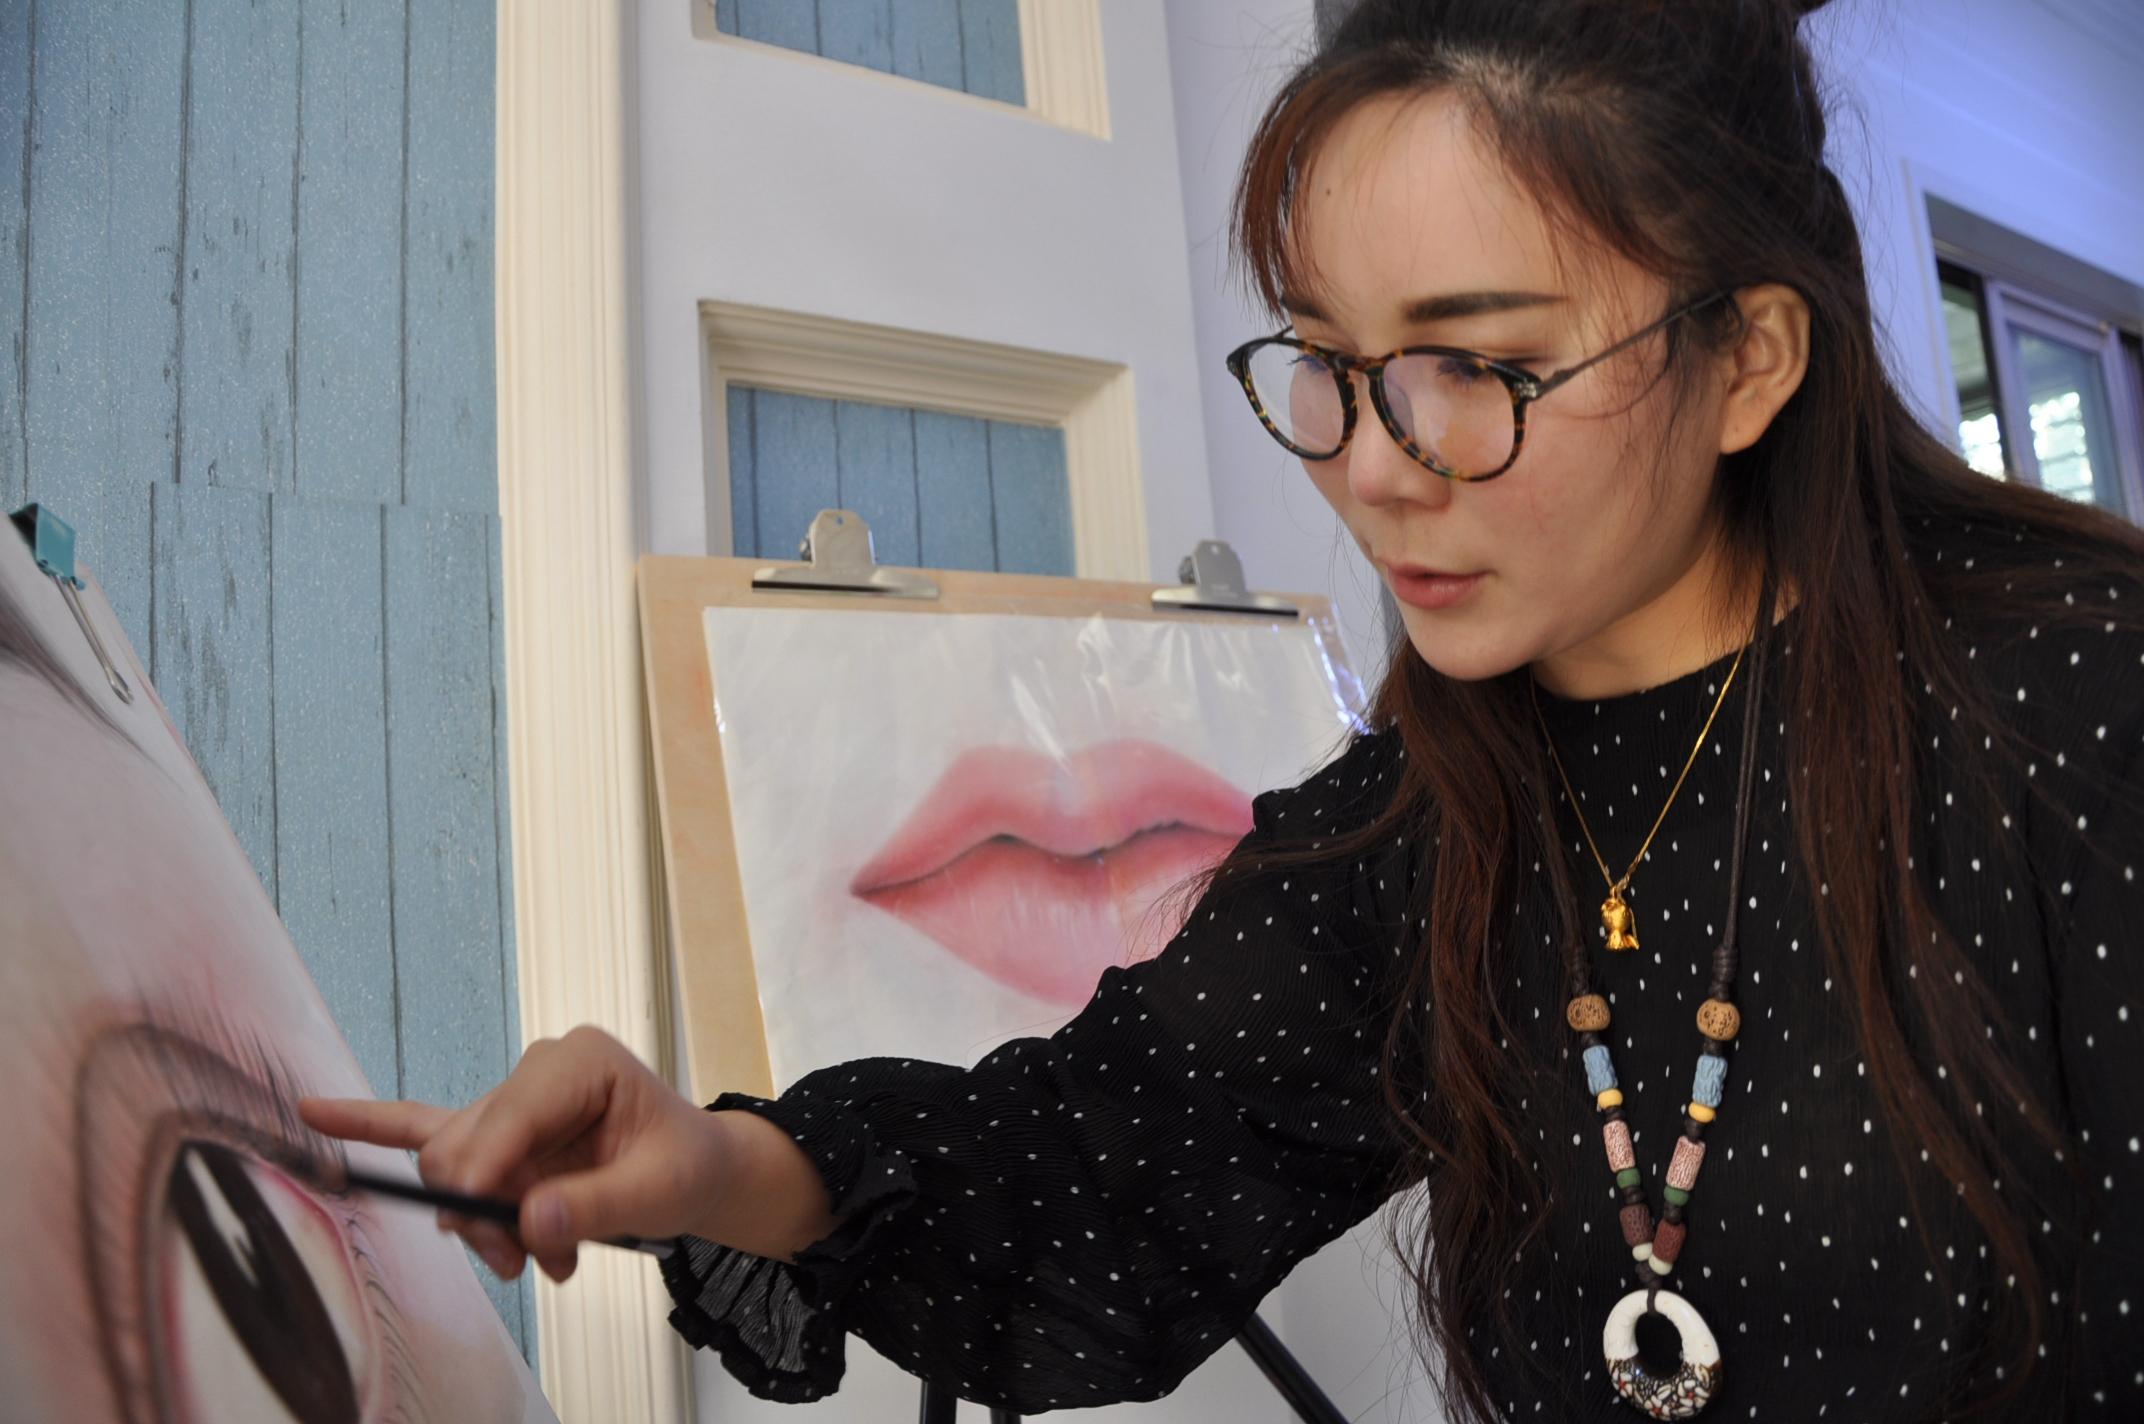 原创:80后纹眉师的一天 - 草虫呢喃 - 驻马店纪实摄影师:张建的摄影博客